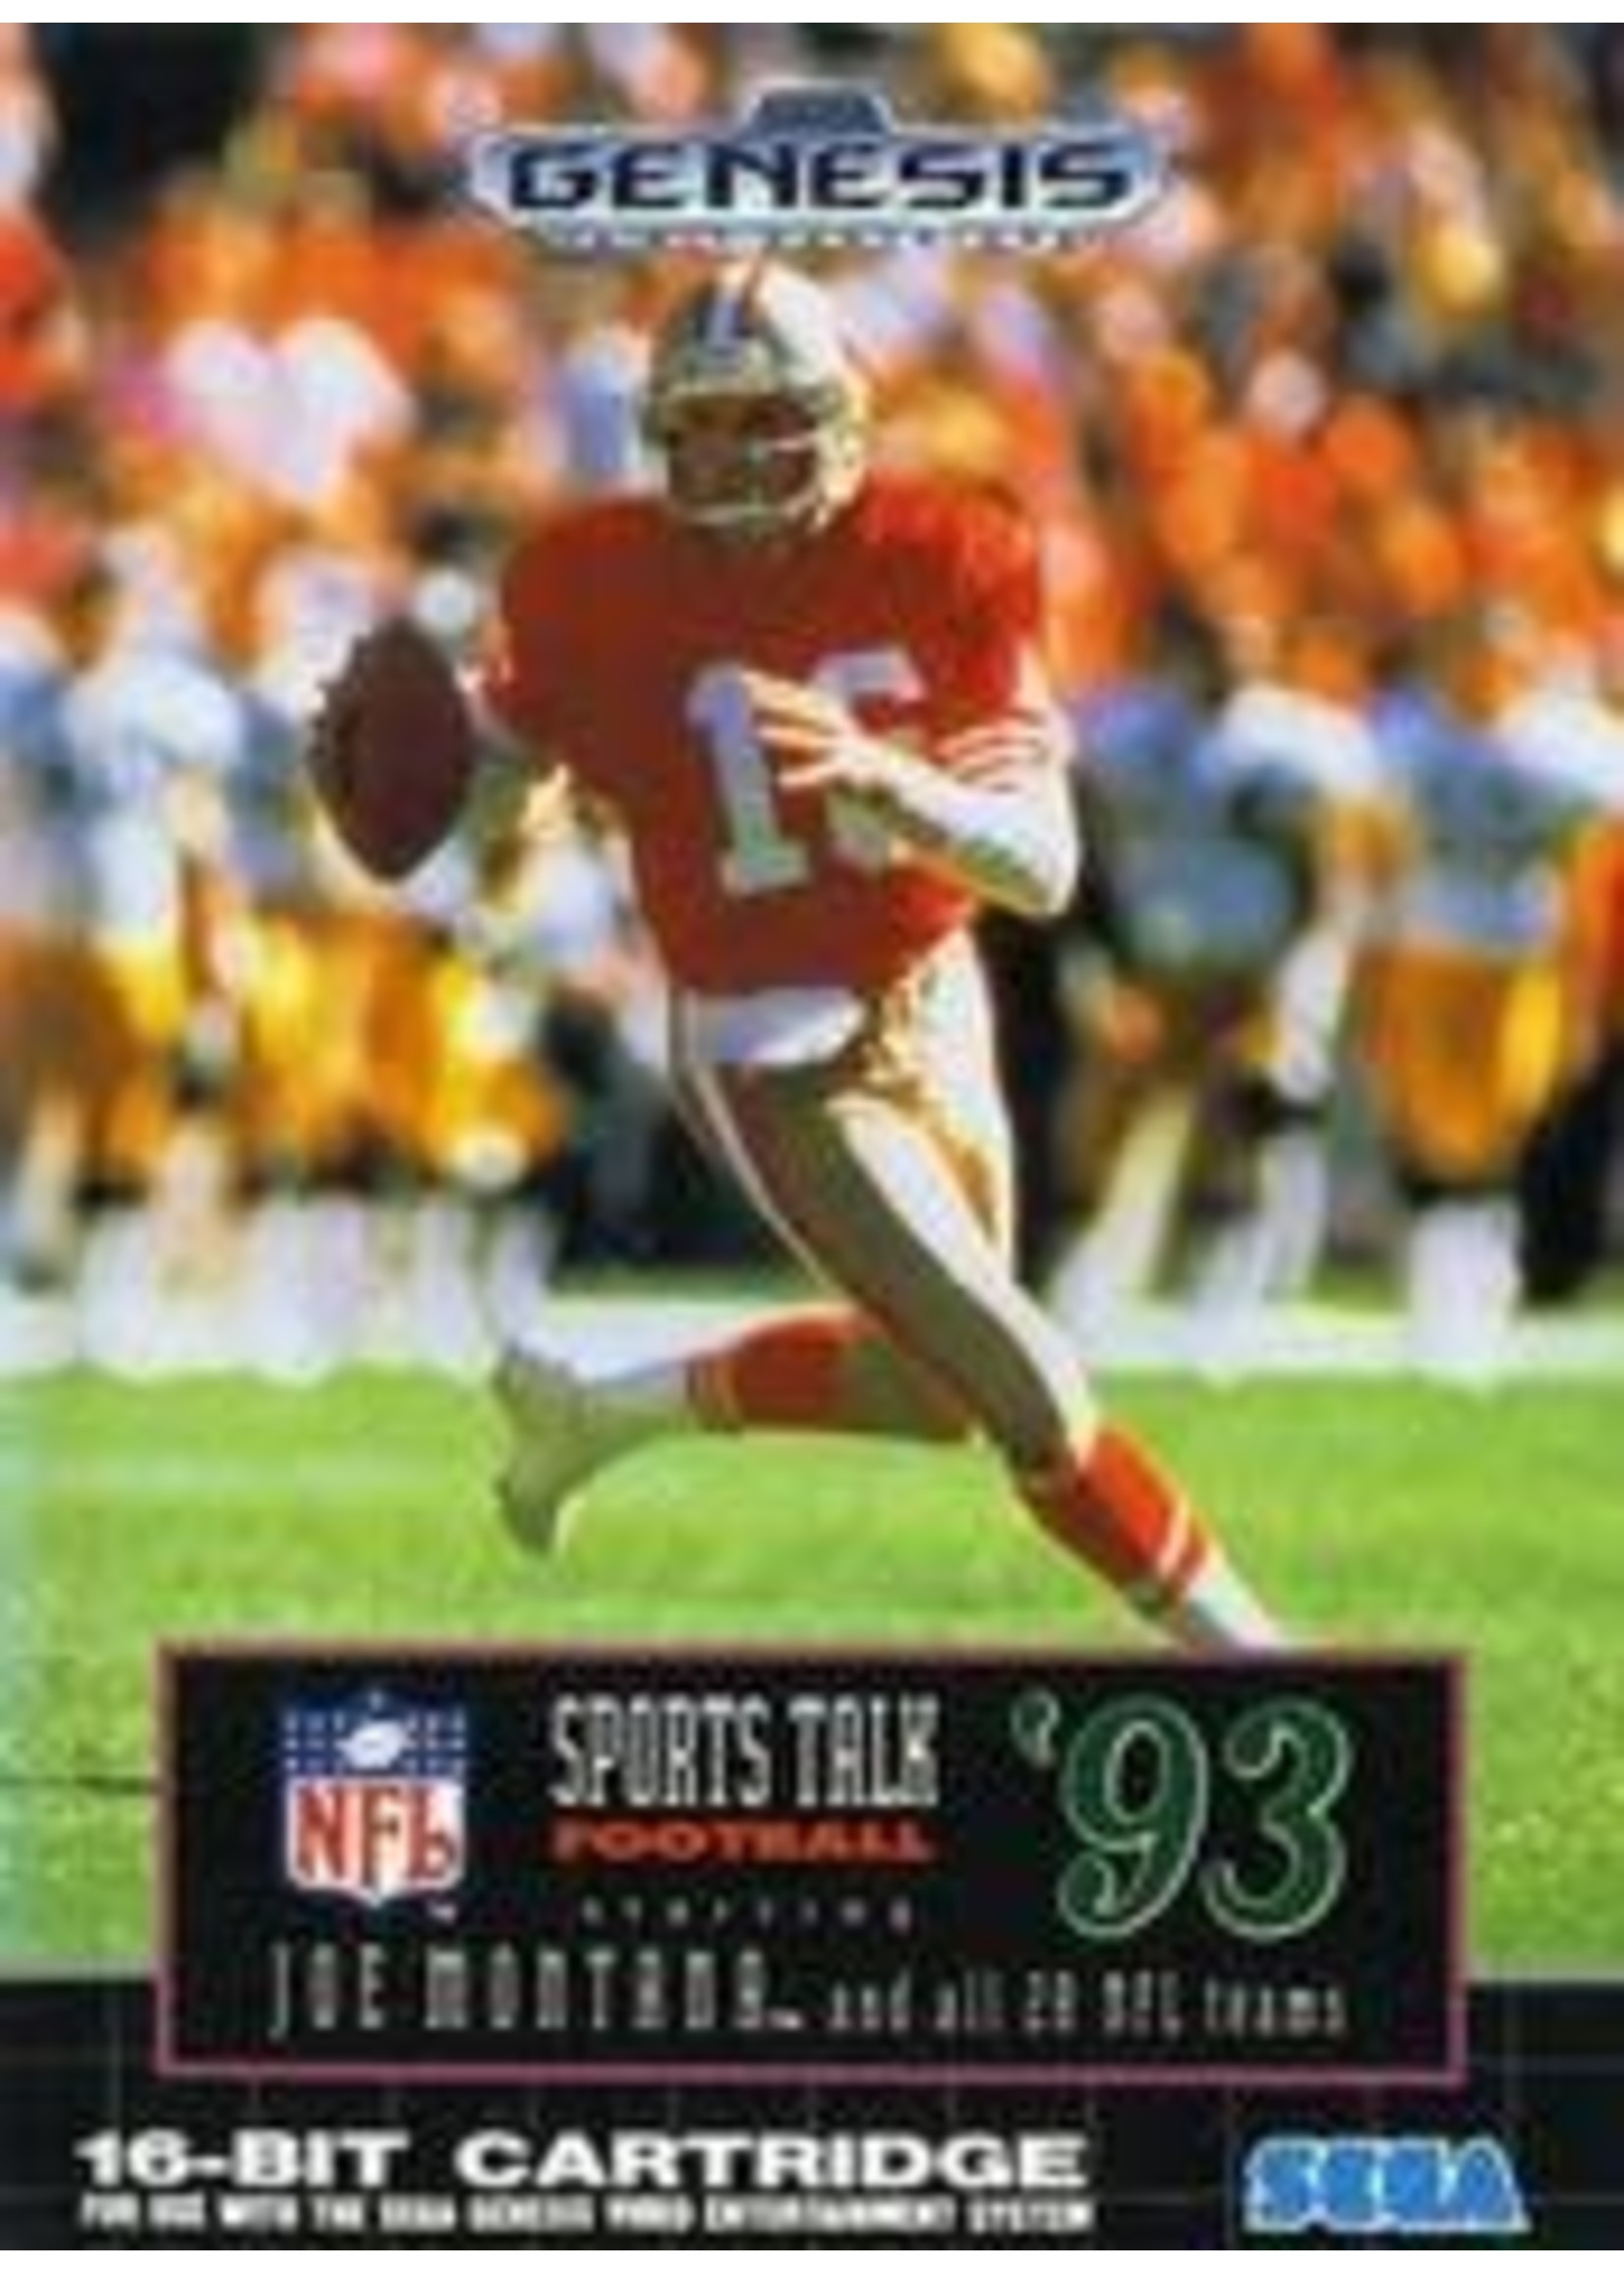 Sports Talk Football '93 Starring Joe Montana Sega Genesis